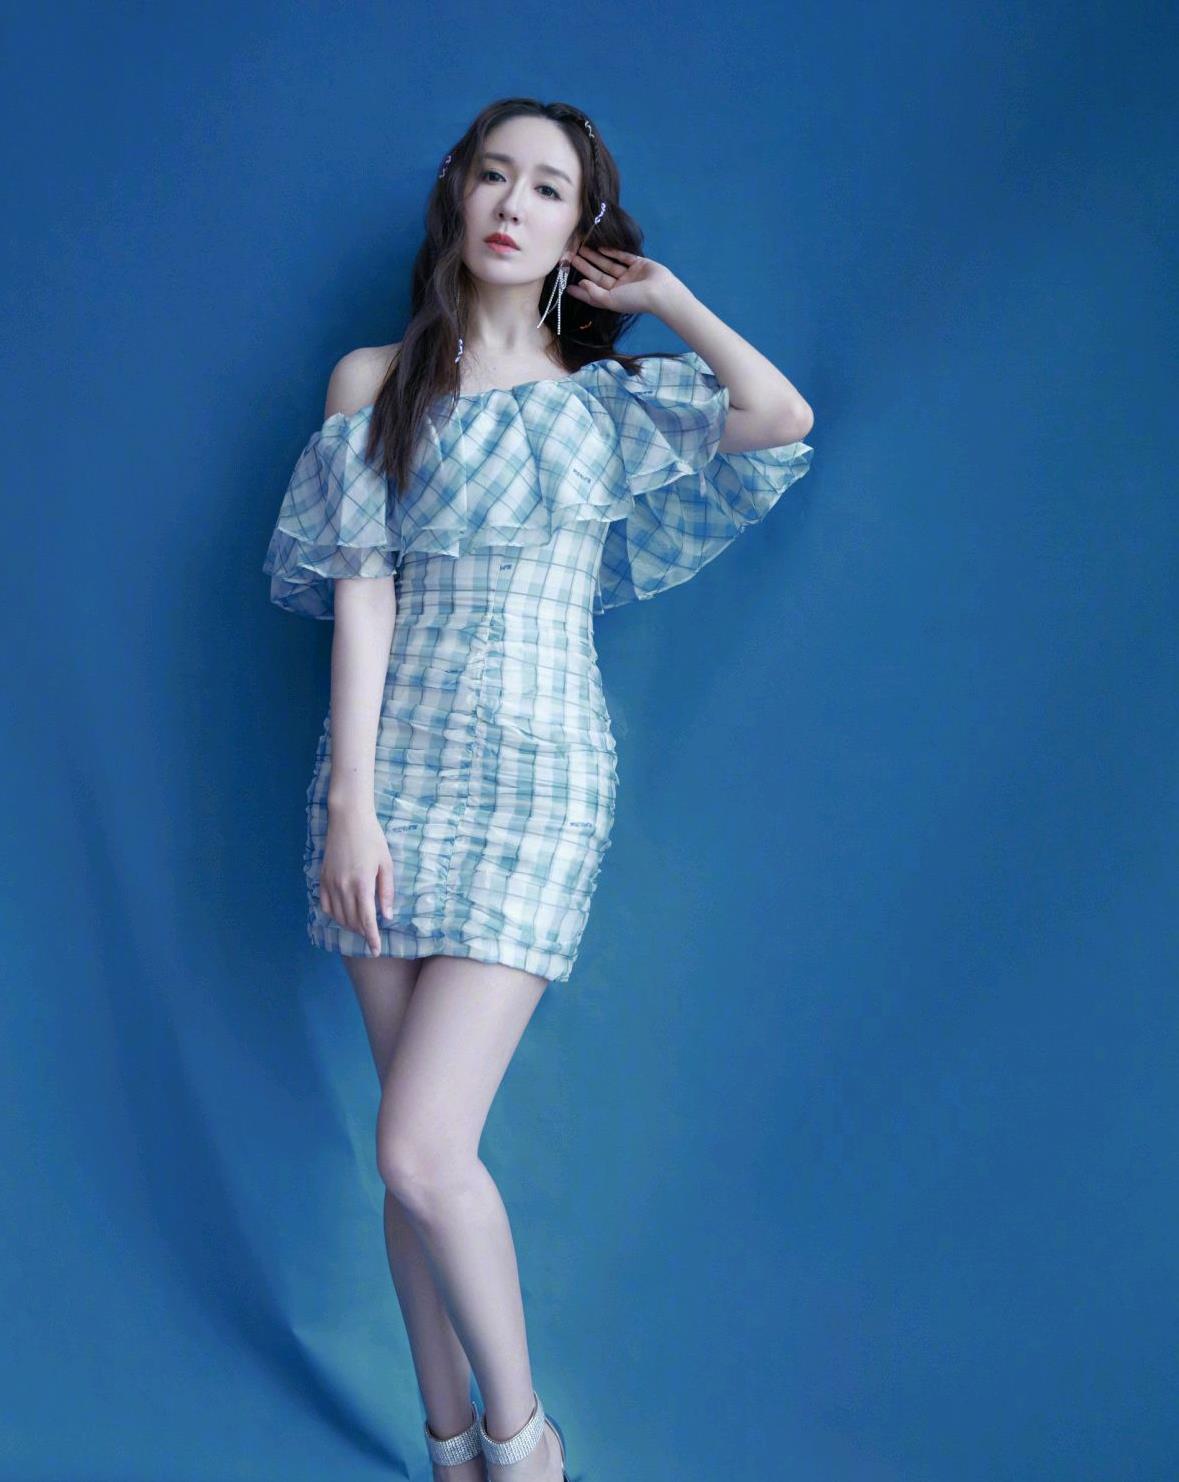 娄艺潇原来是个穿搭高手,身穿荷叶边格纹连衣裙,清新时髦